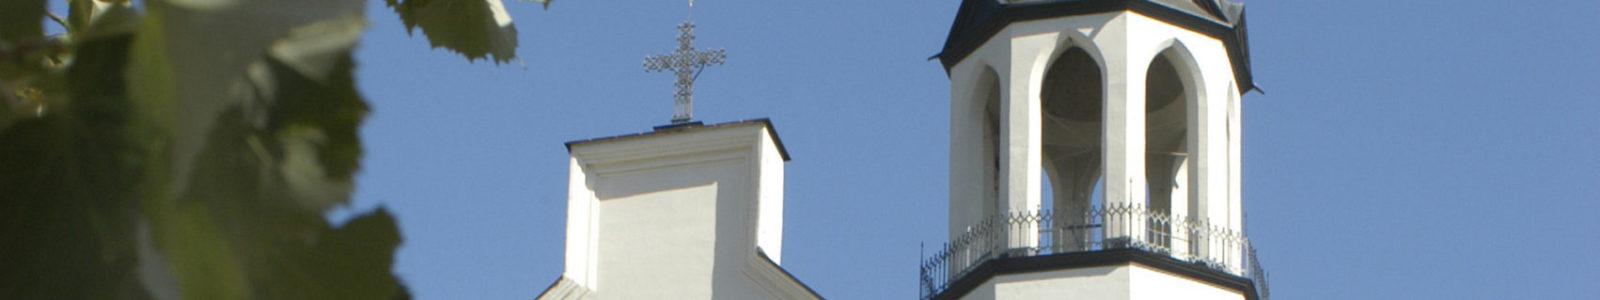 St. Laurentius-Kriche Auerbach